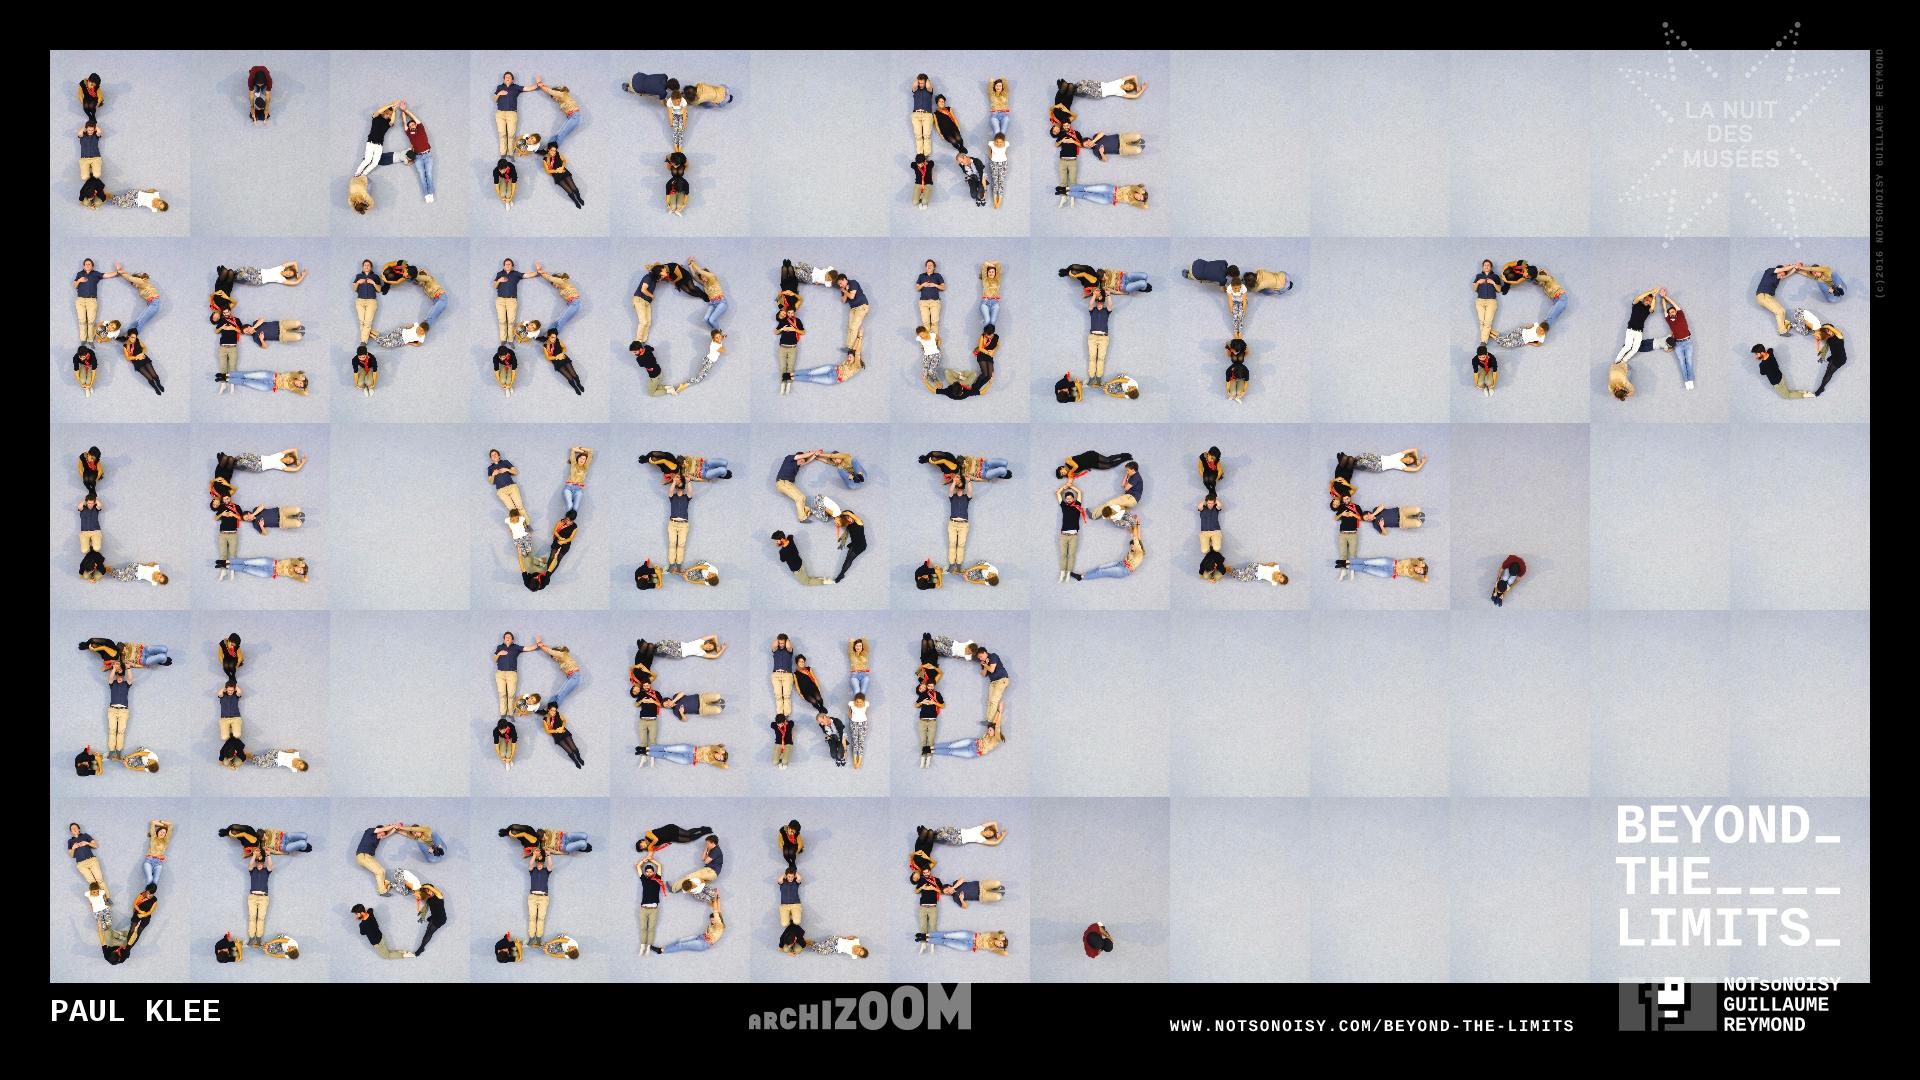 Beyond The Limits - Alphabet humain #AZ3